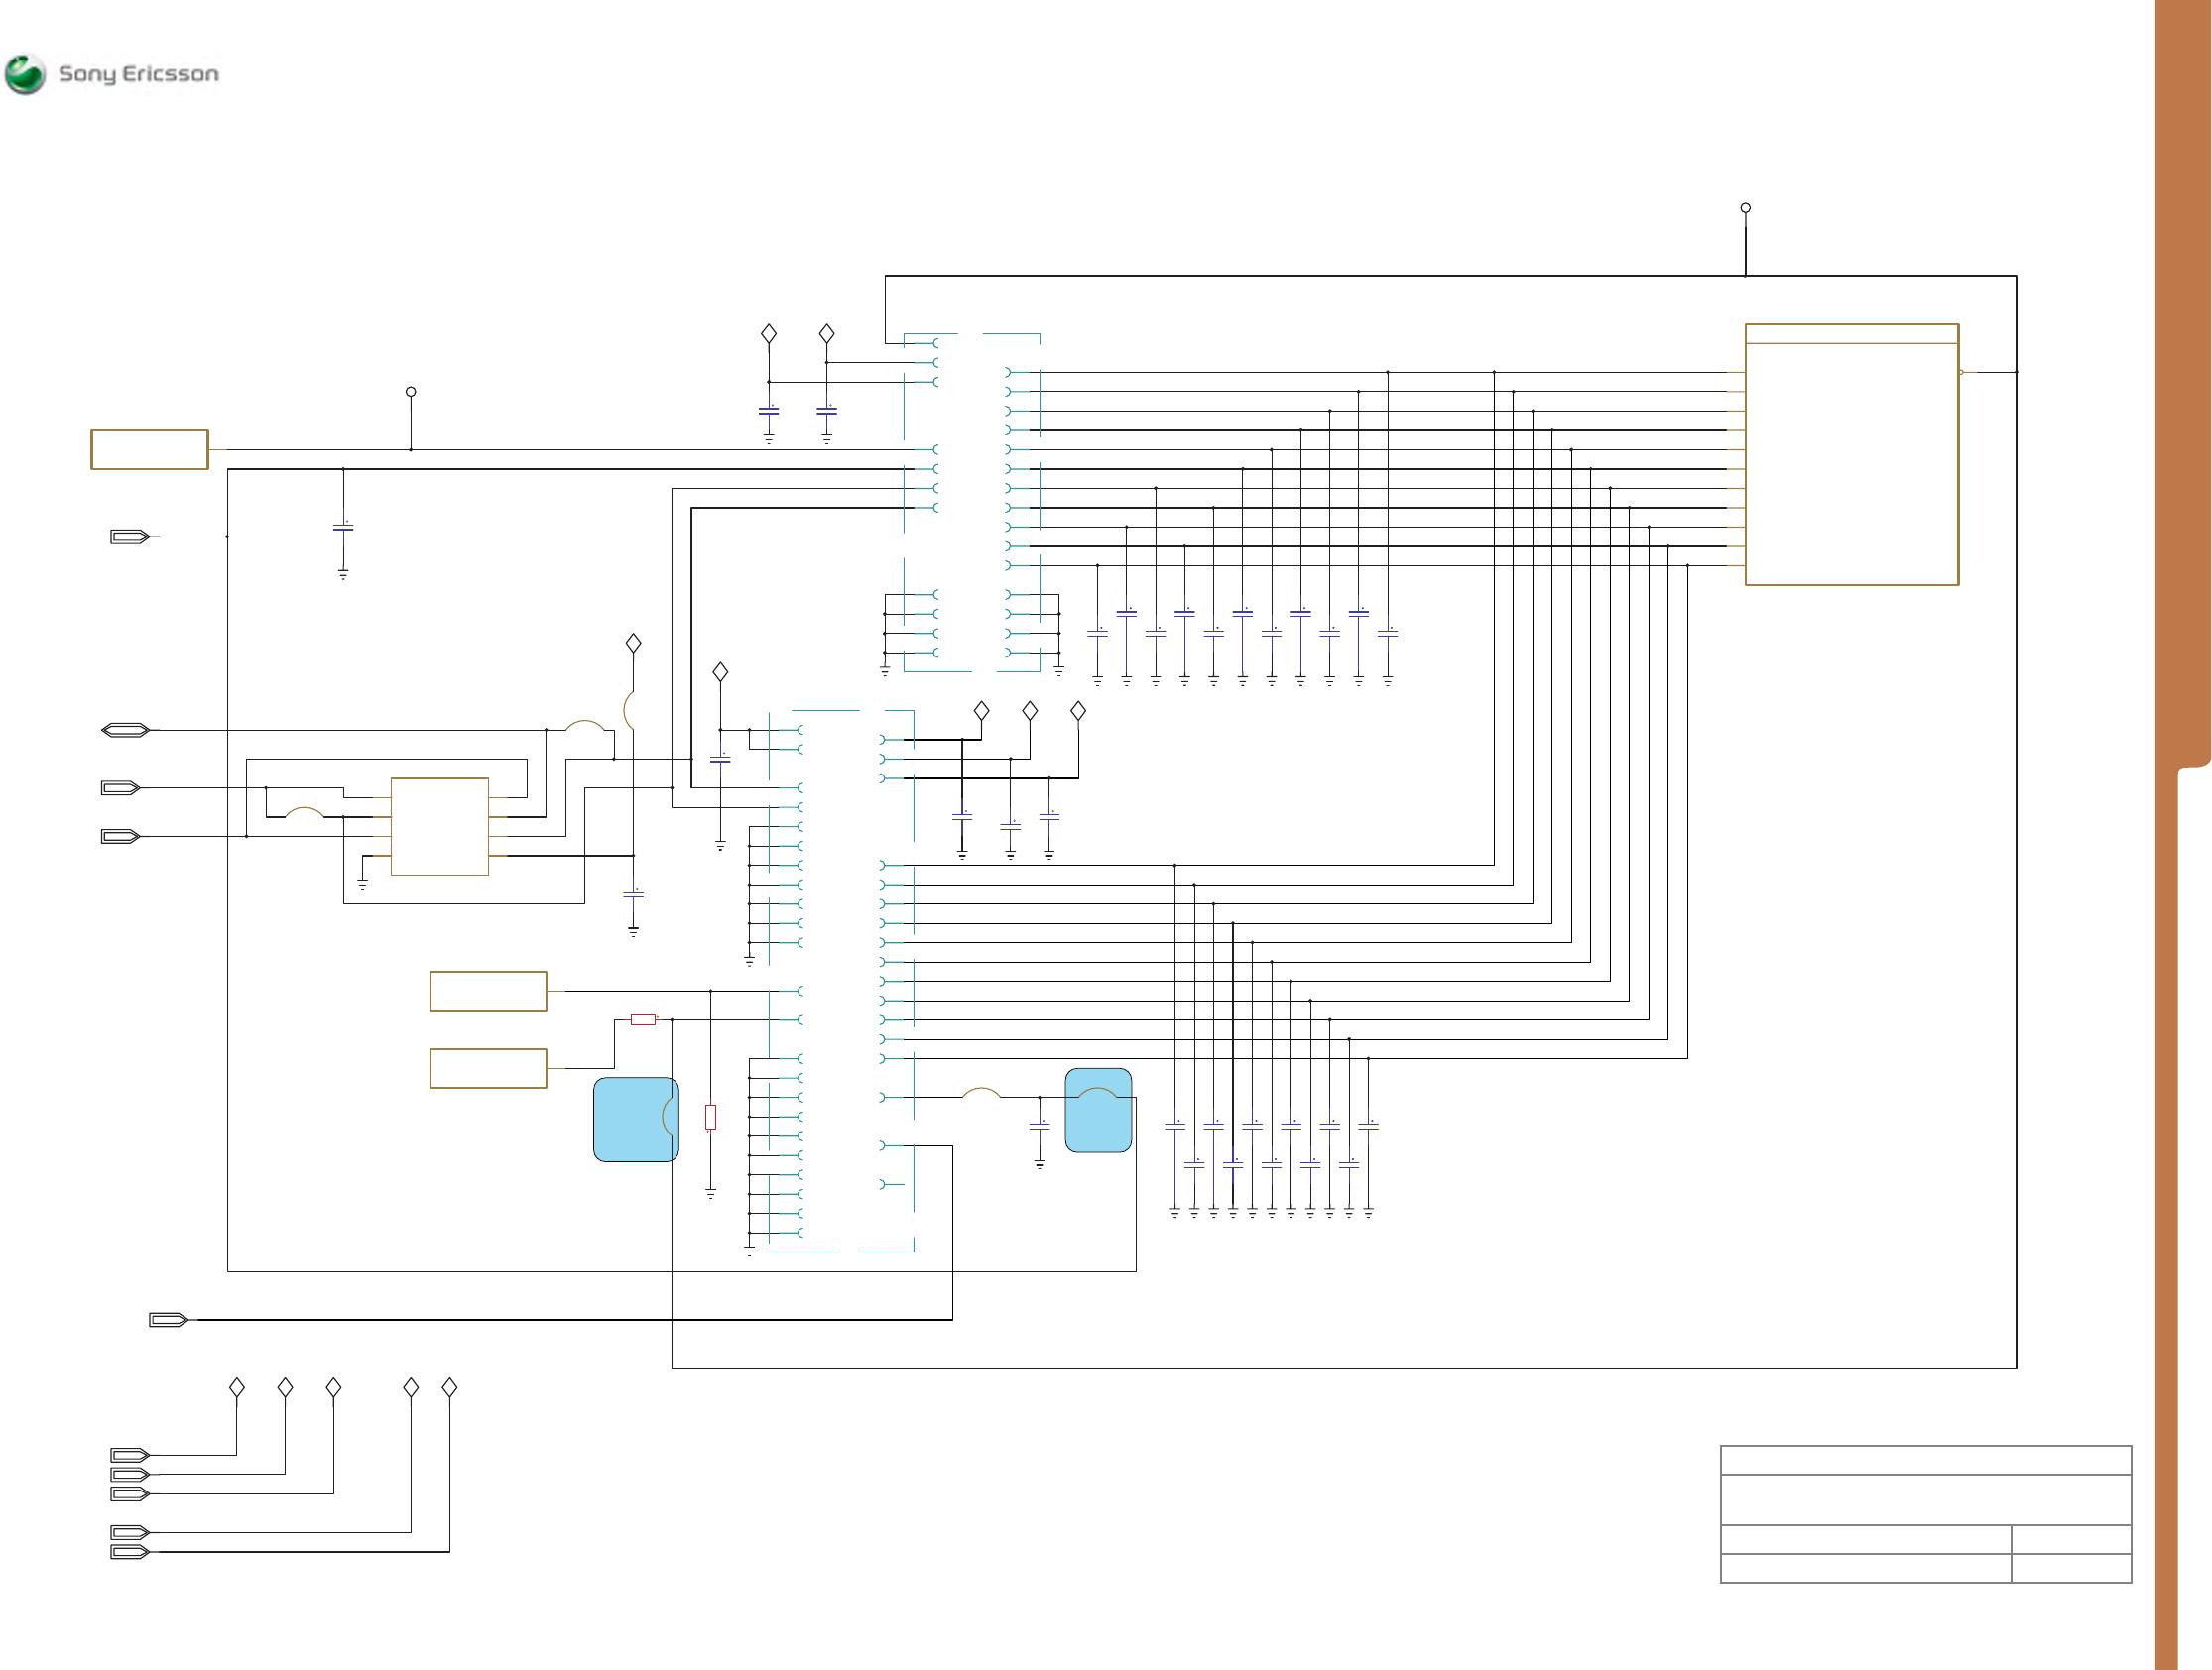 Sony Ericsson C702 1 Xperia M Circuit Diagram